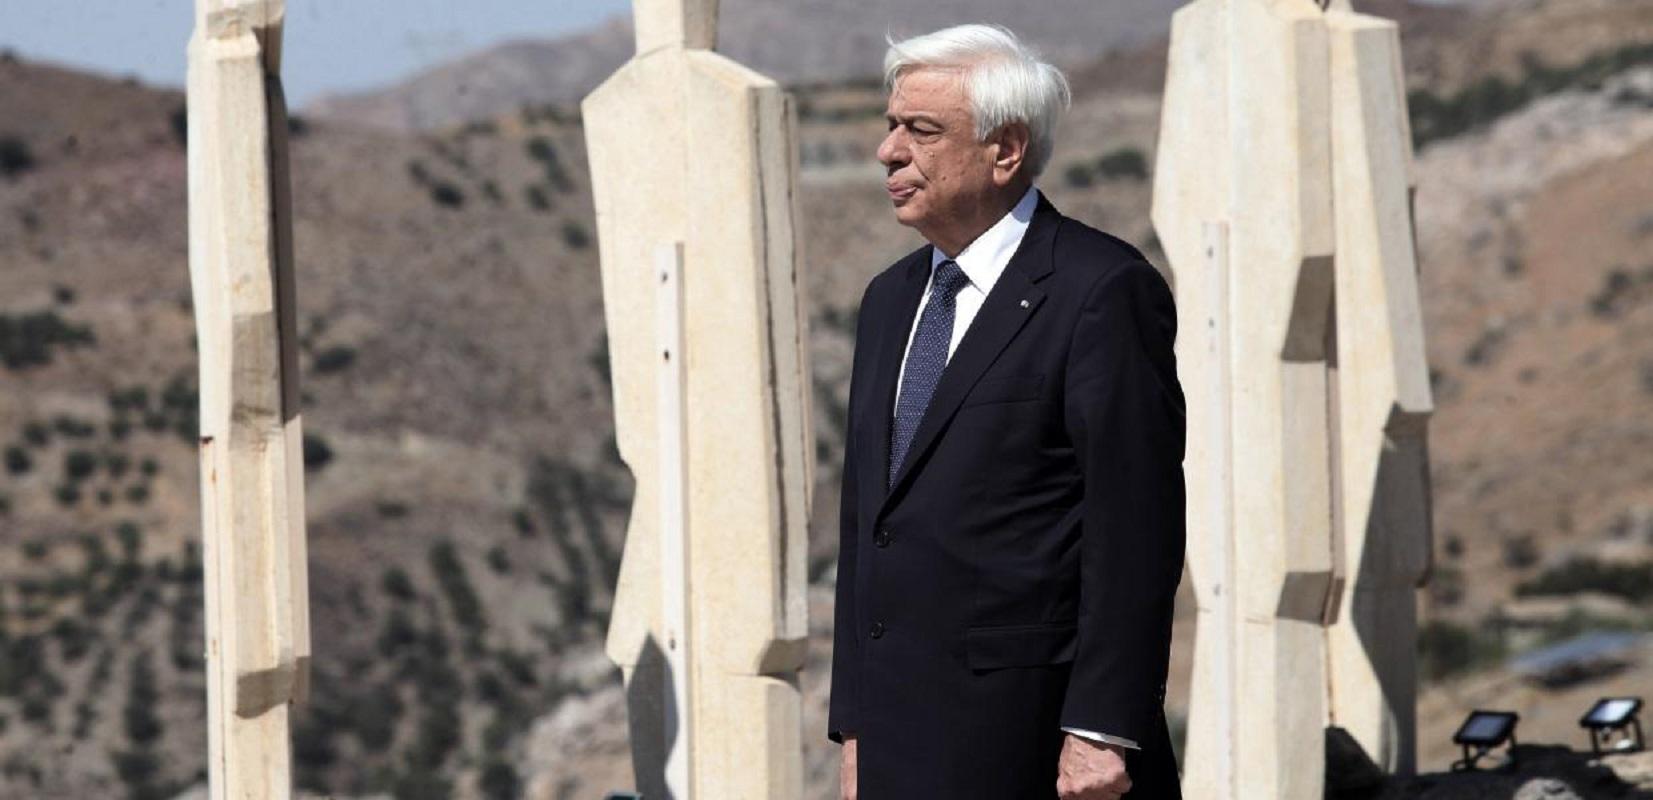 Προκόπης Παυλόπουλος: Οι απαιτήσεις για γερμανικές αποζημιώσεις είναι πάντα νομικά ενεργές